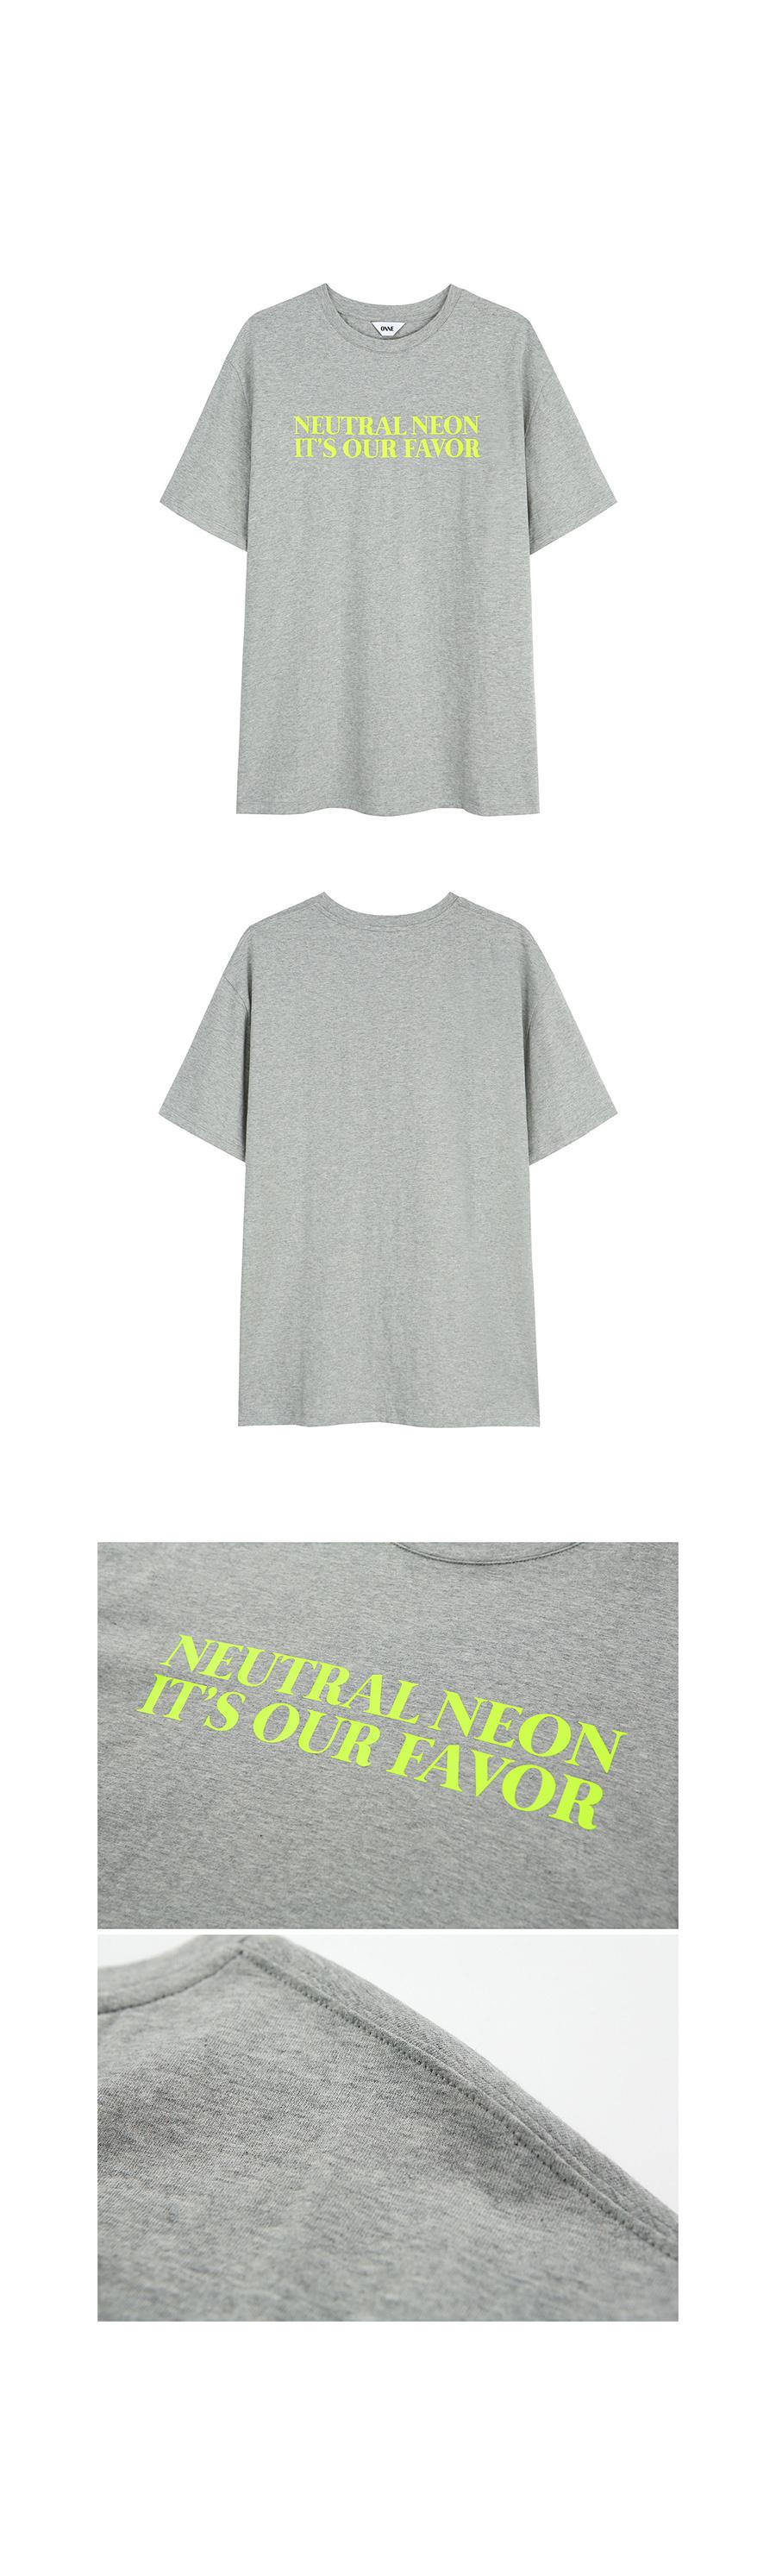 온느(ONNE) NEUTRAL NEON Over Fit T-Shirt Gray